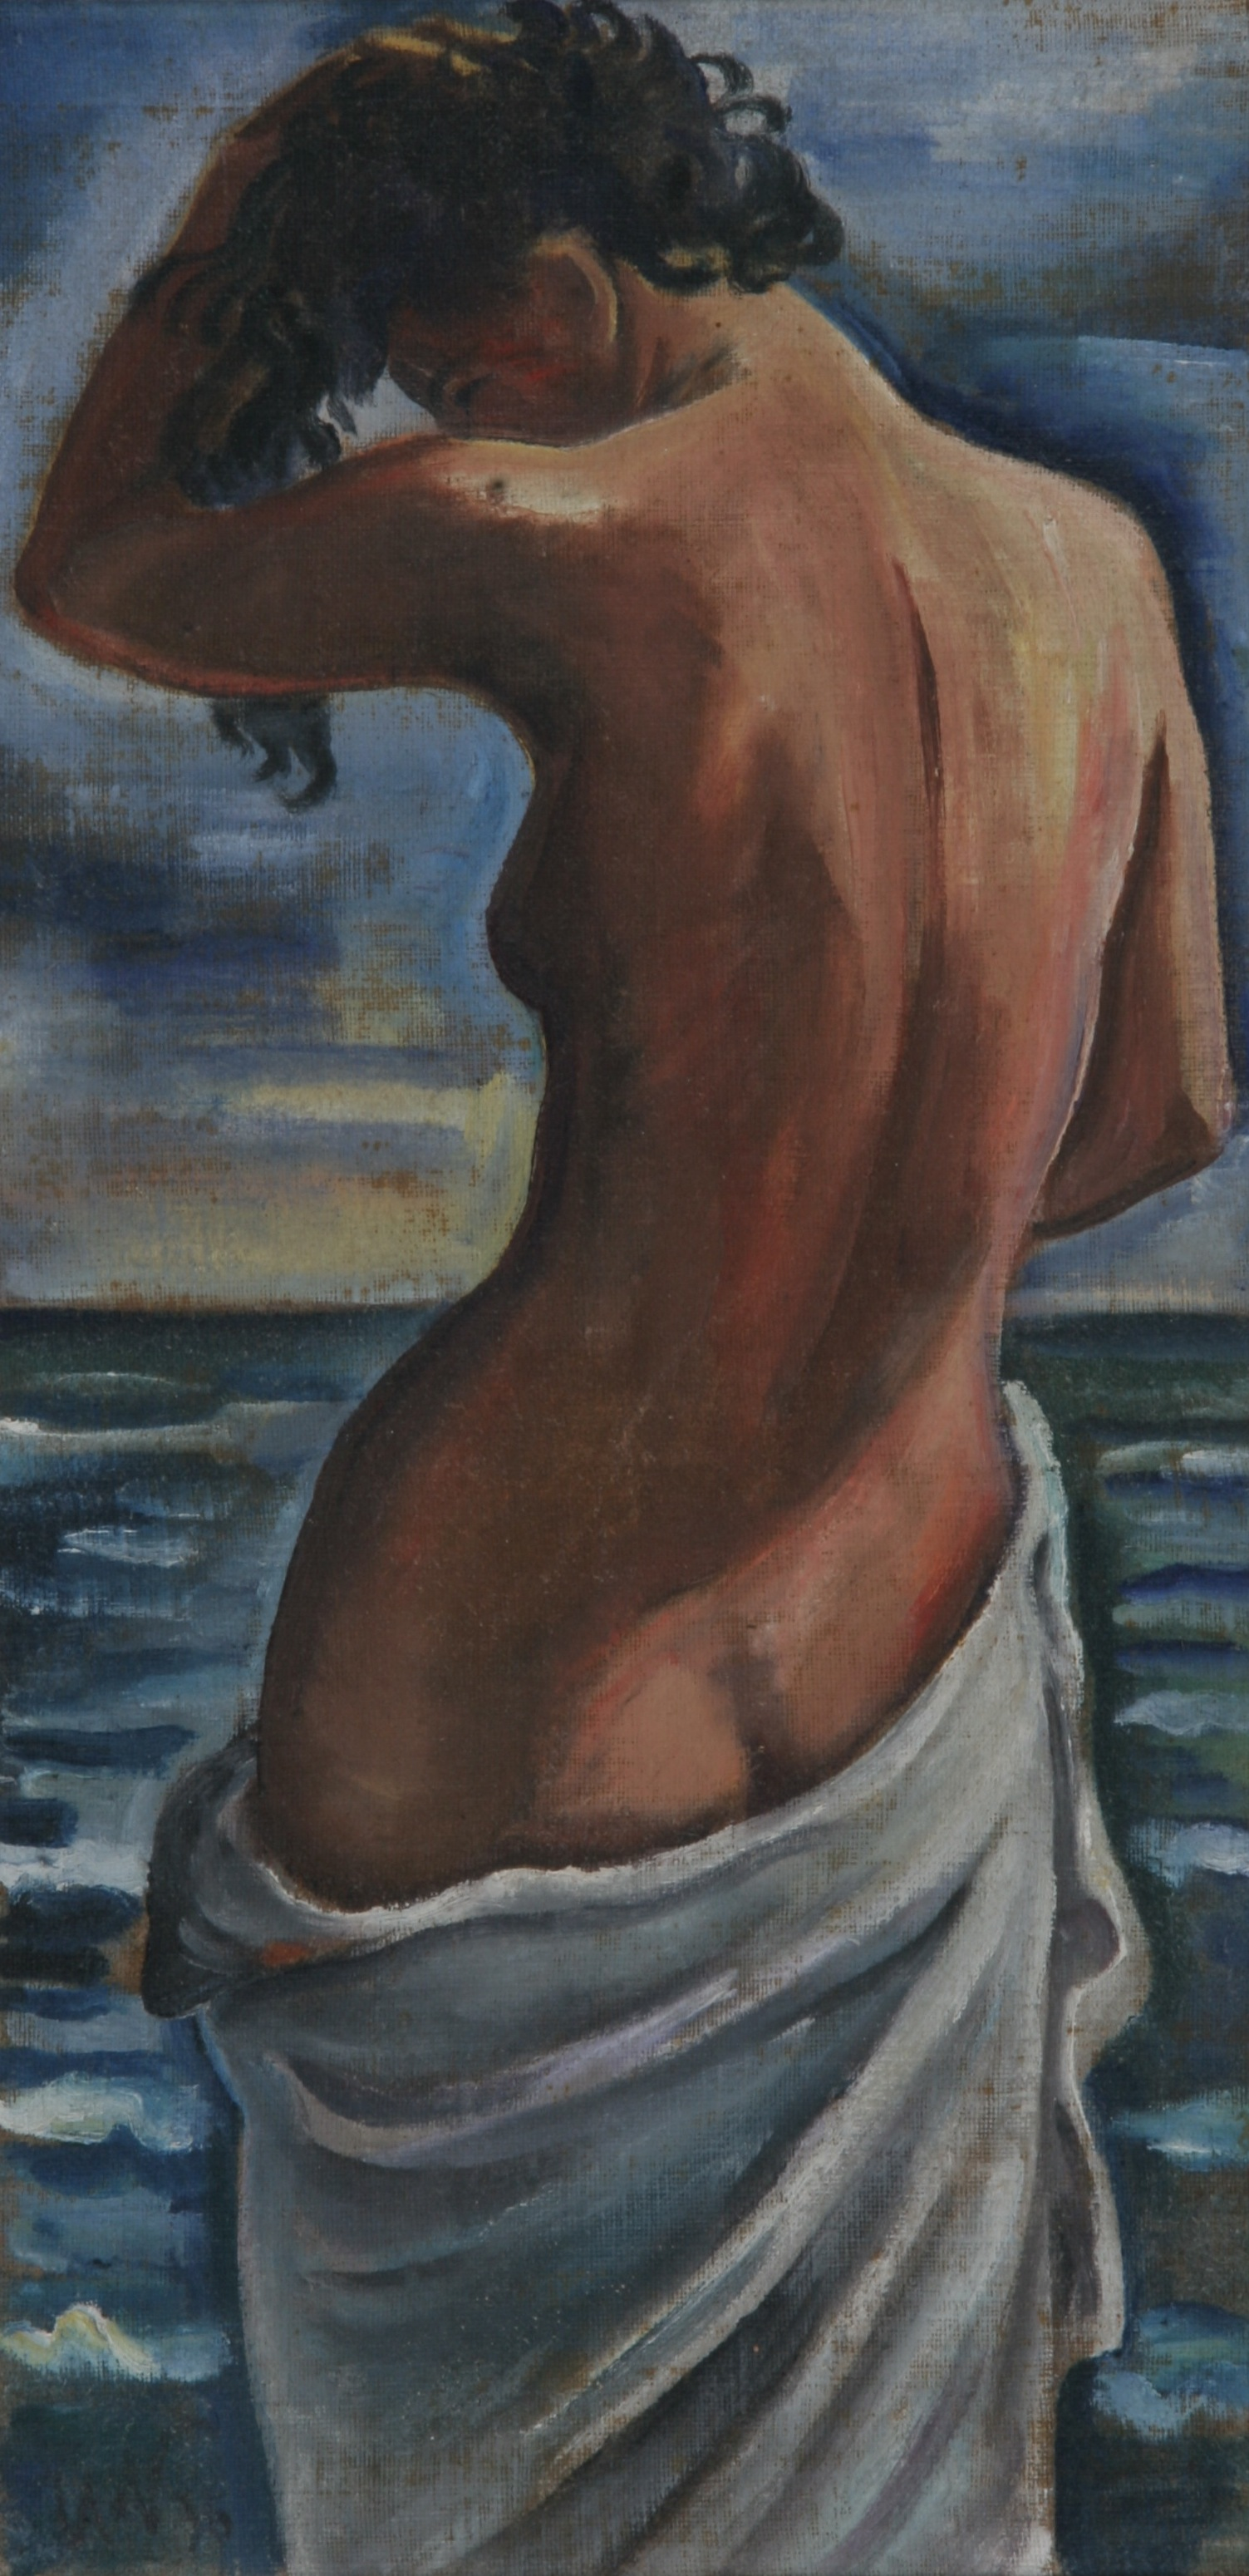 Rückenakt Charlotte, 1938, Öl auf Leinen, 24 x 47 cm